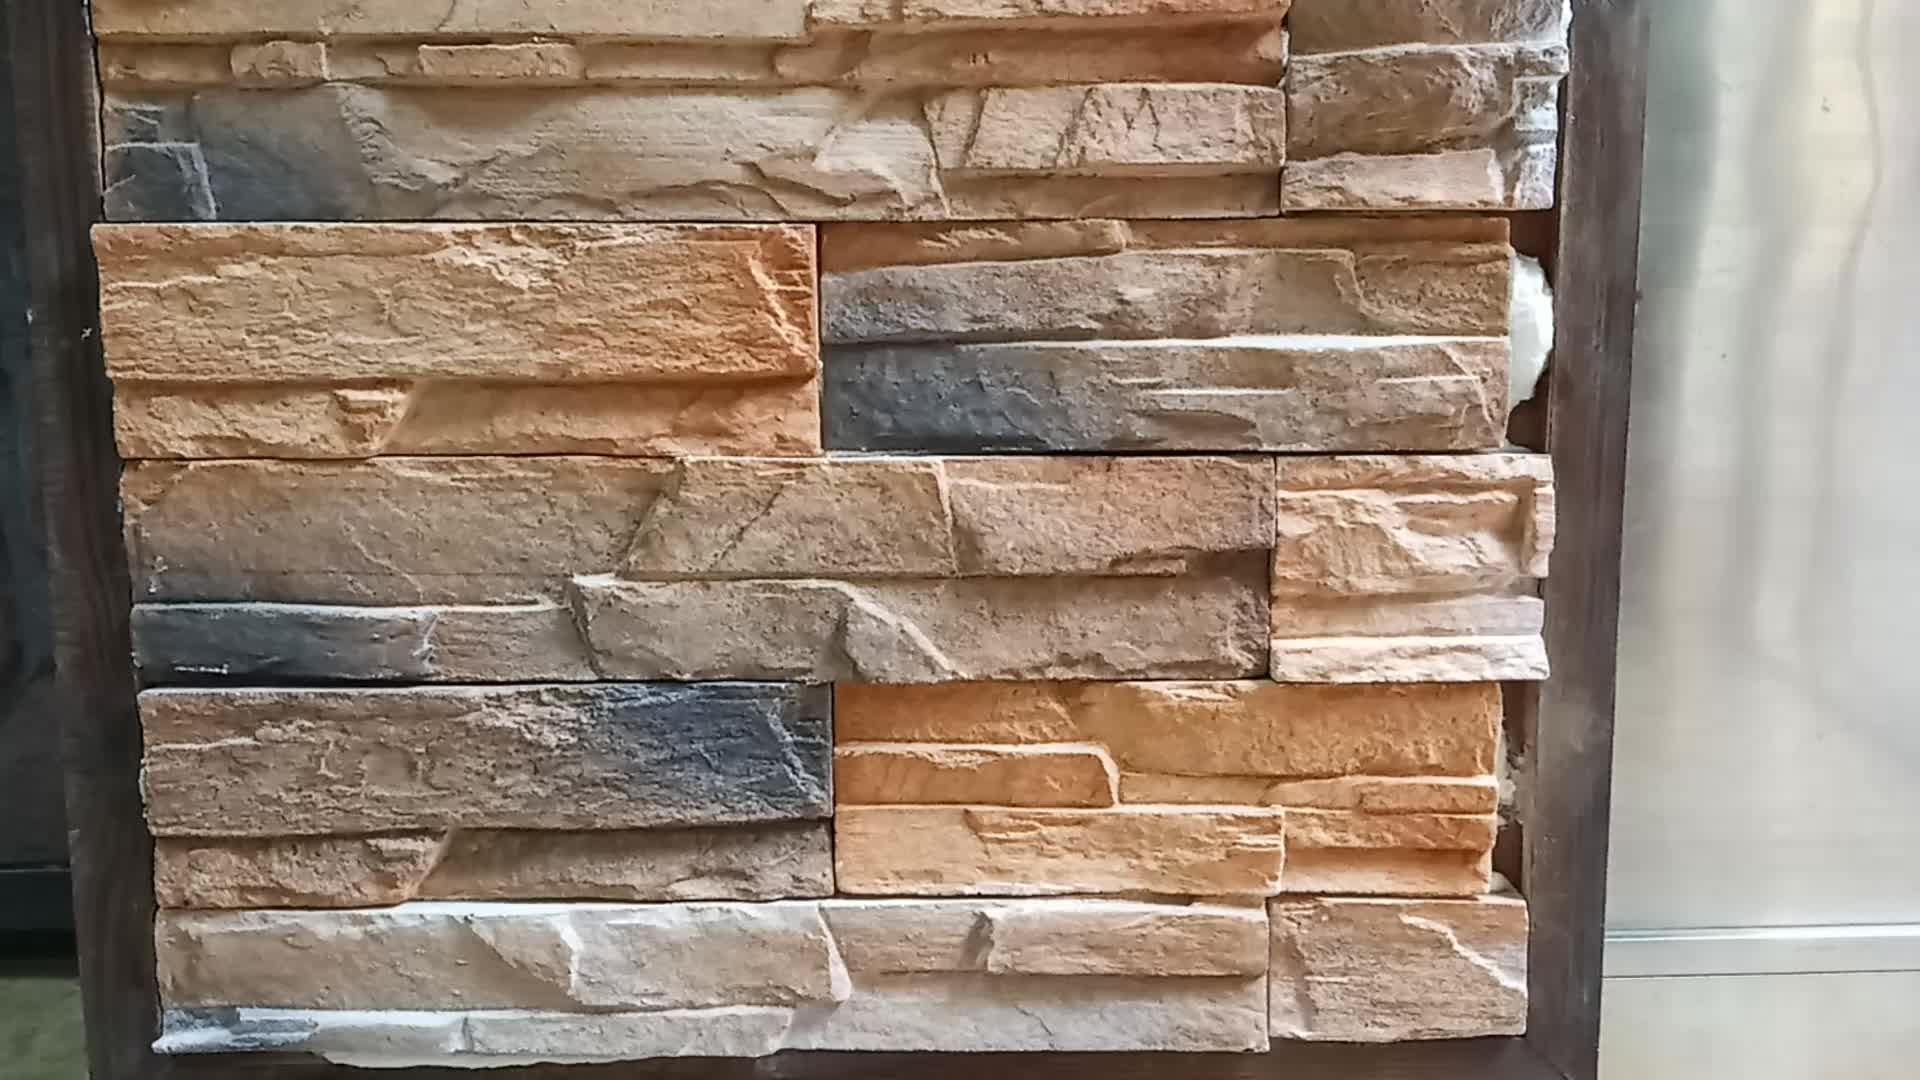 Alam Batu Ditumpuk Melihat Buatan Dinding Bata Beton Efek Panel